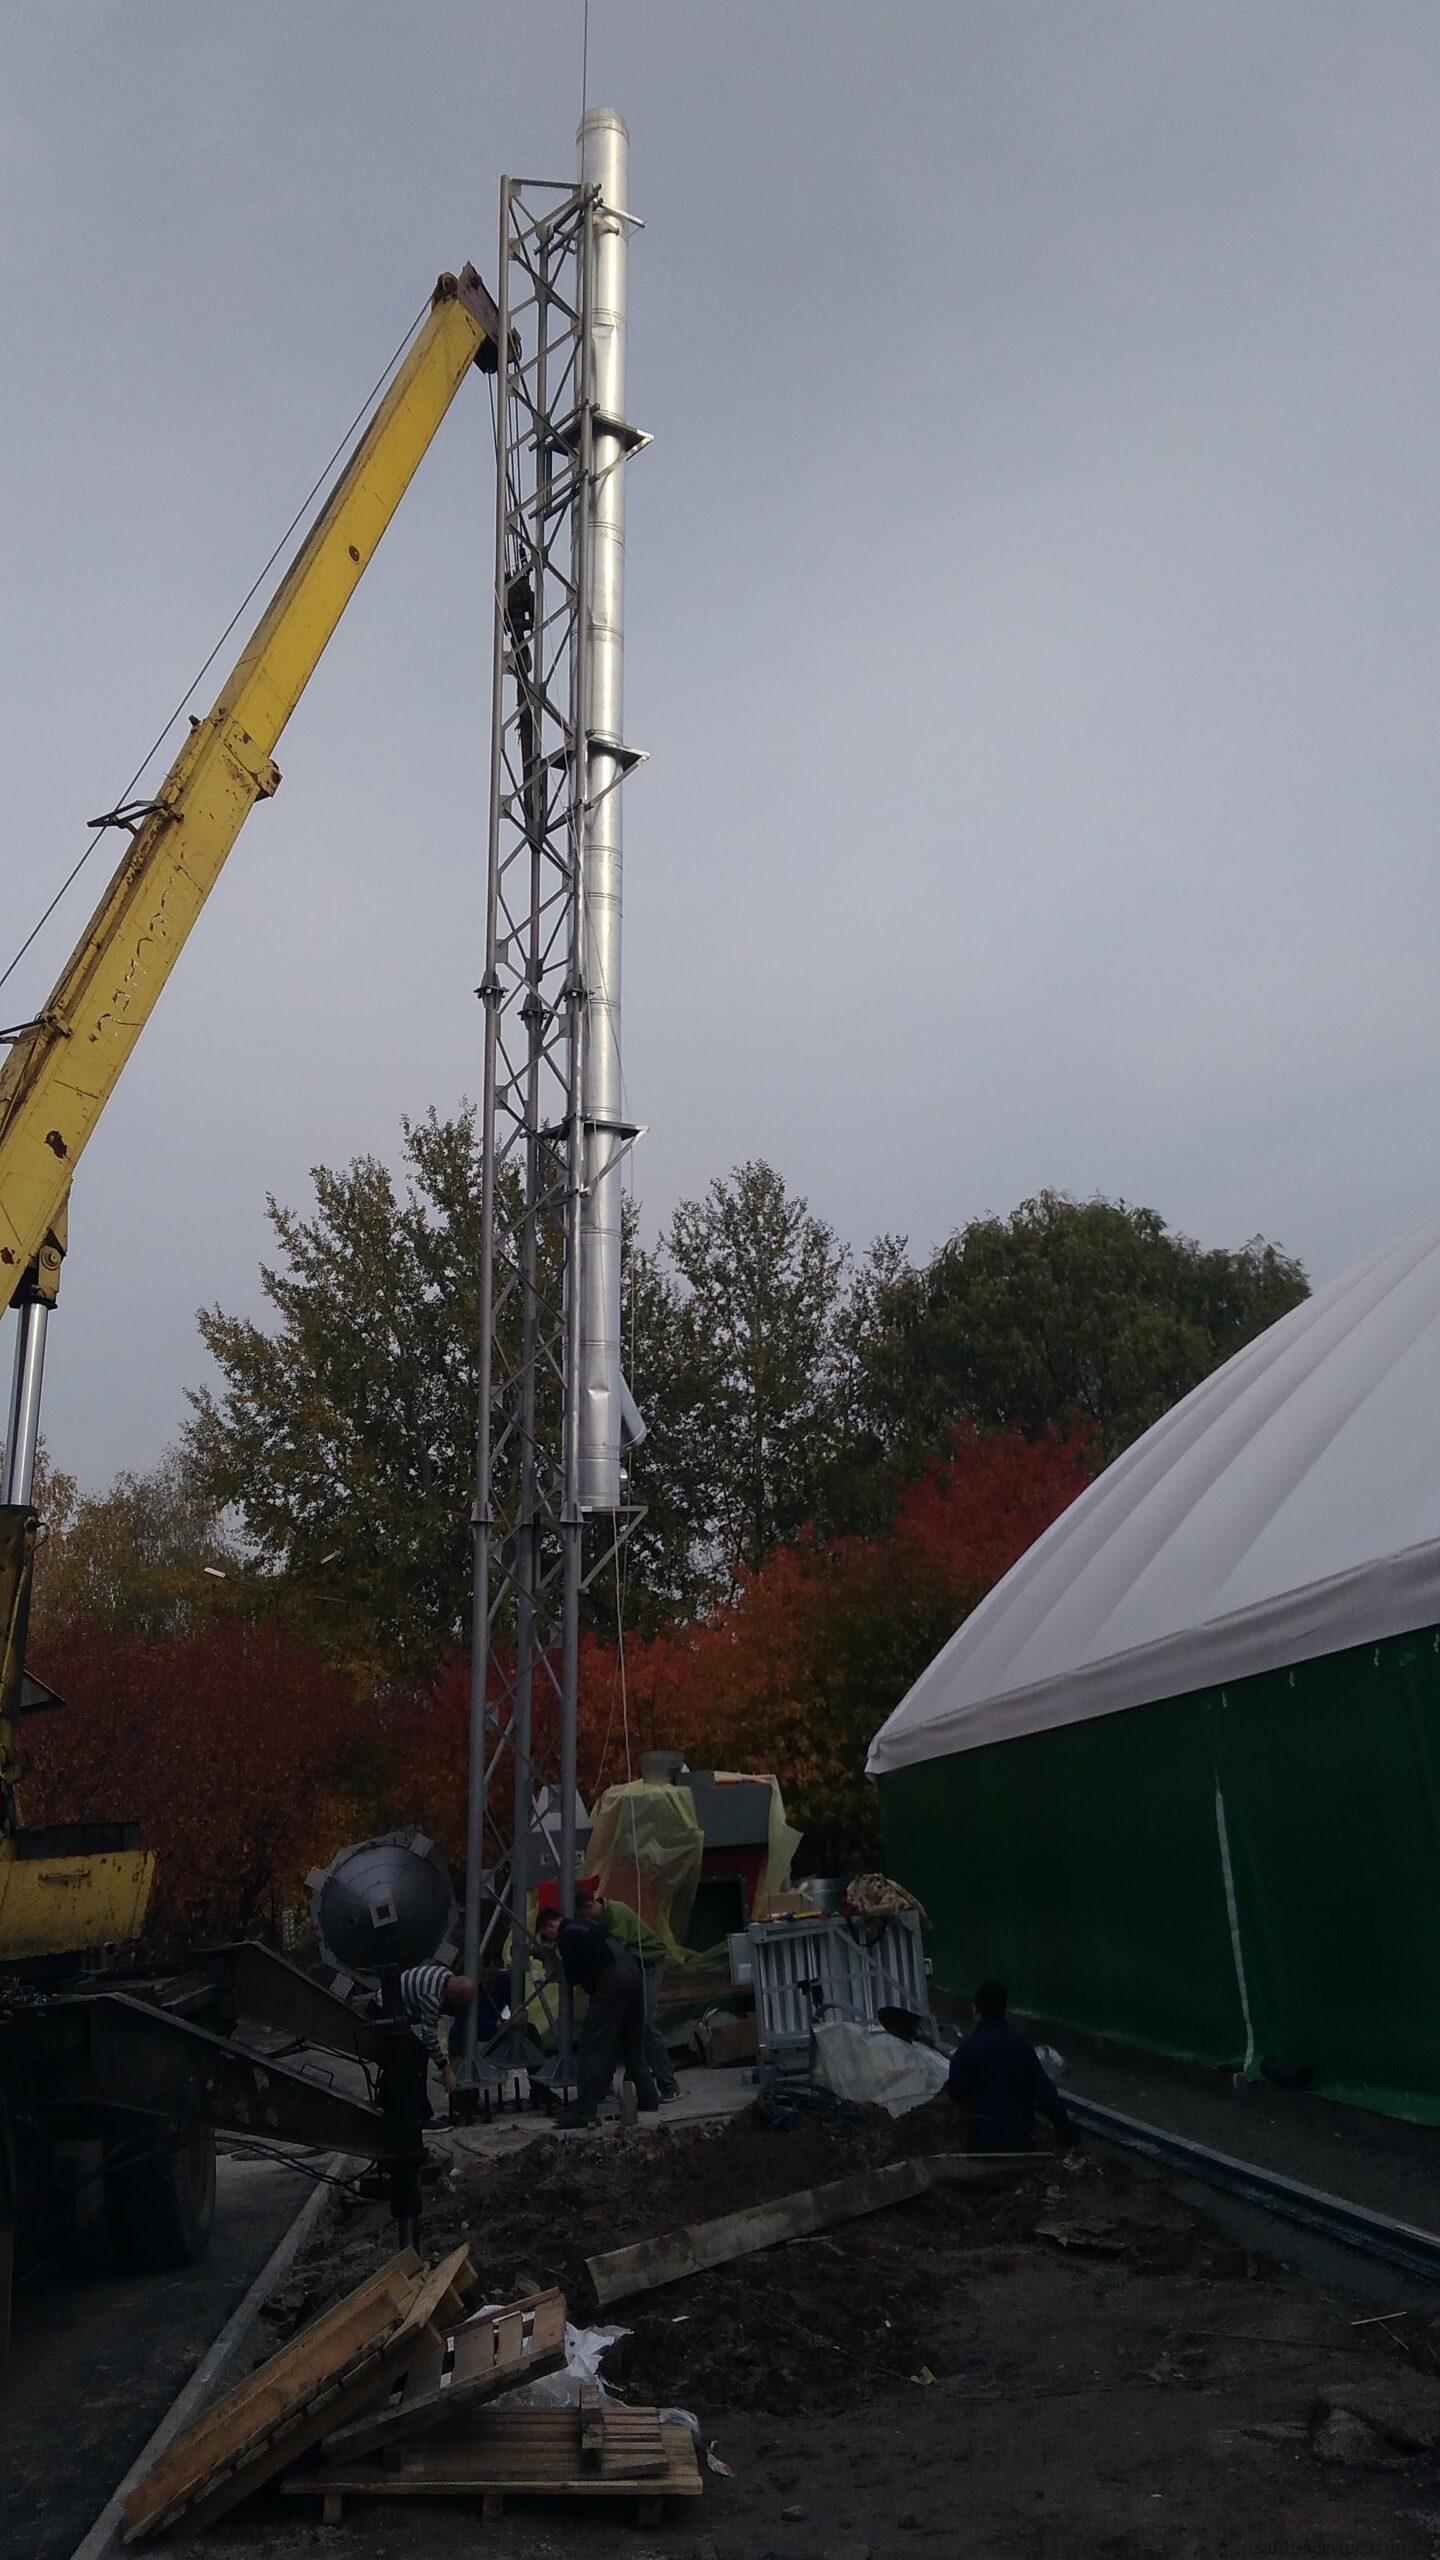 Монтаж пелетного воздушного теплогенератора и опорной мачты-6